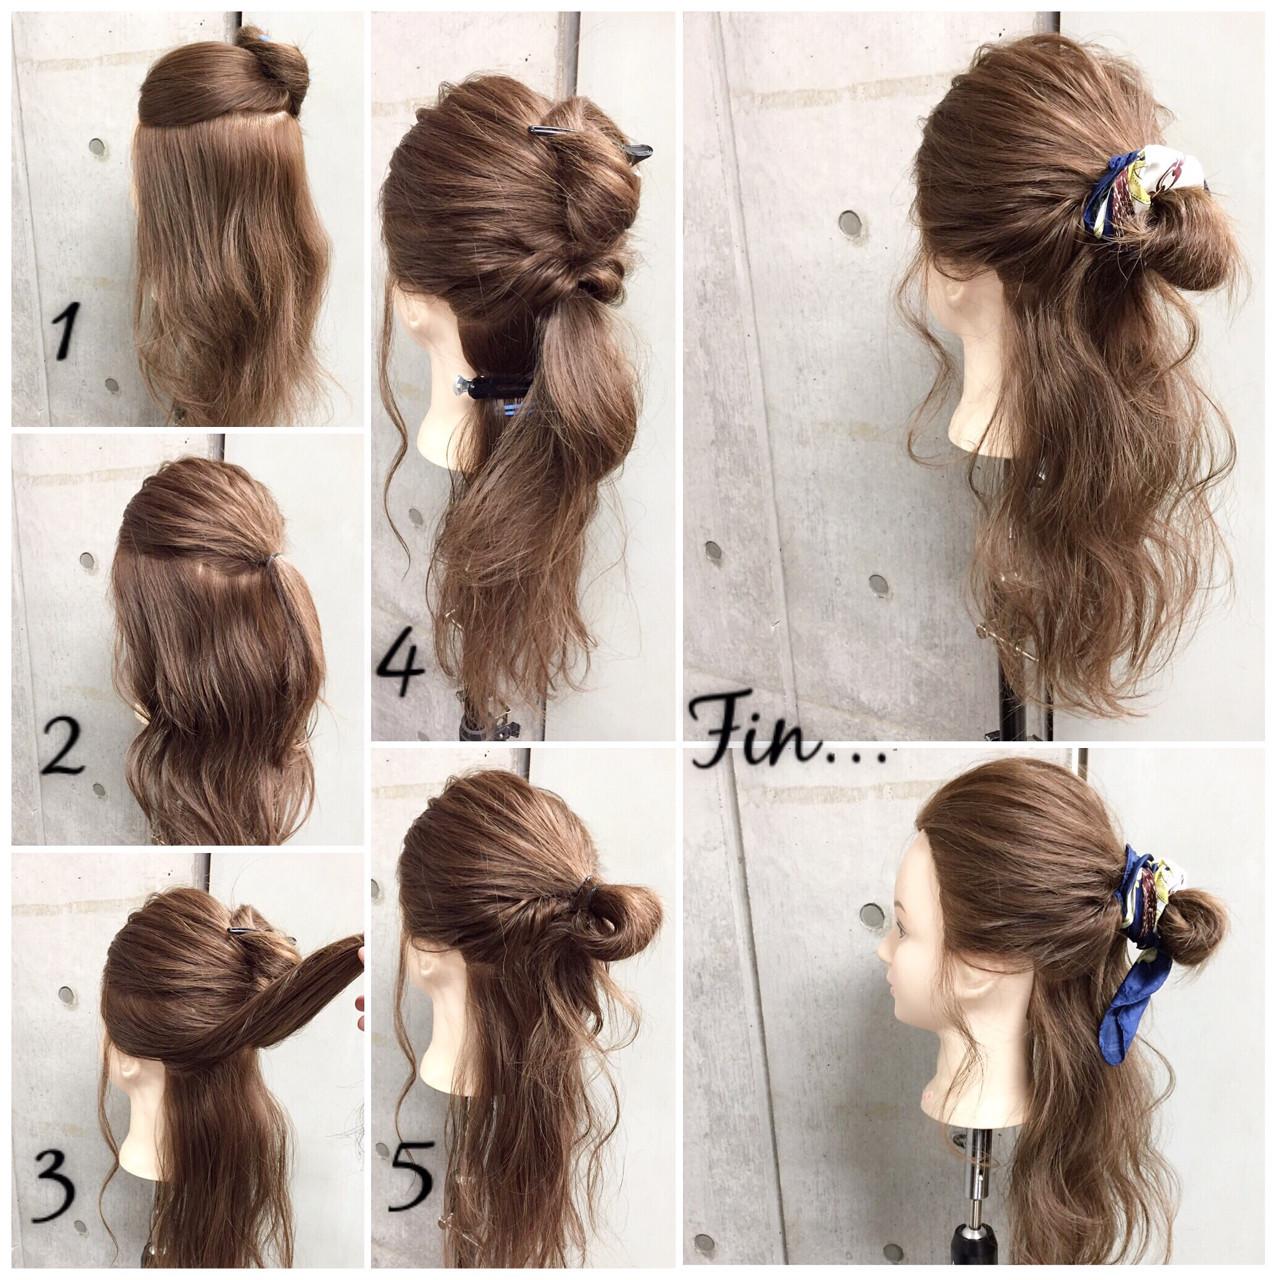 セミロング ヘアアクセ 簡単ヘアアレンジ ヘアアレンジ ヘアスタイルや髪型の写真・画像